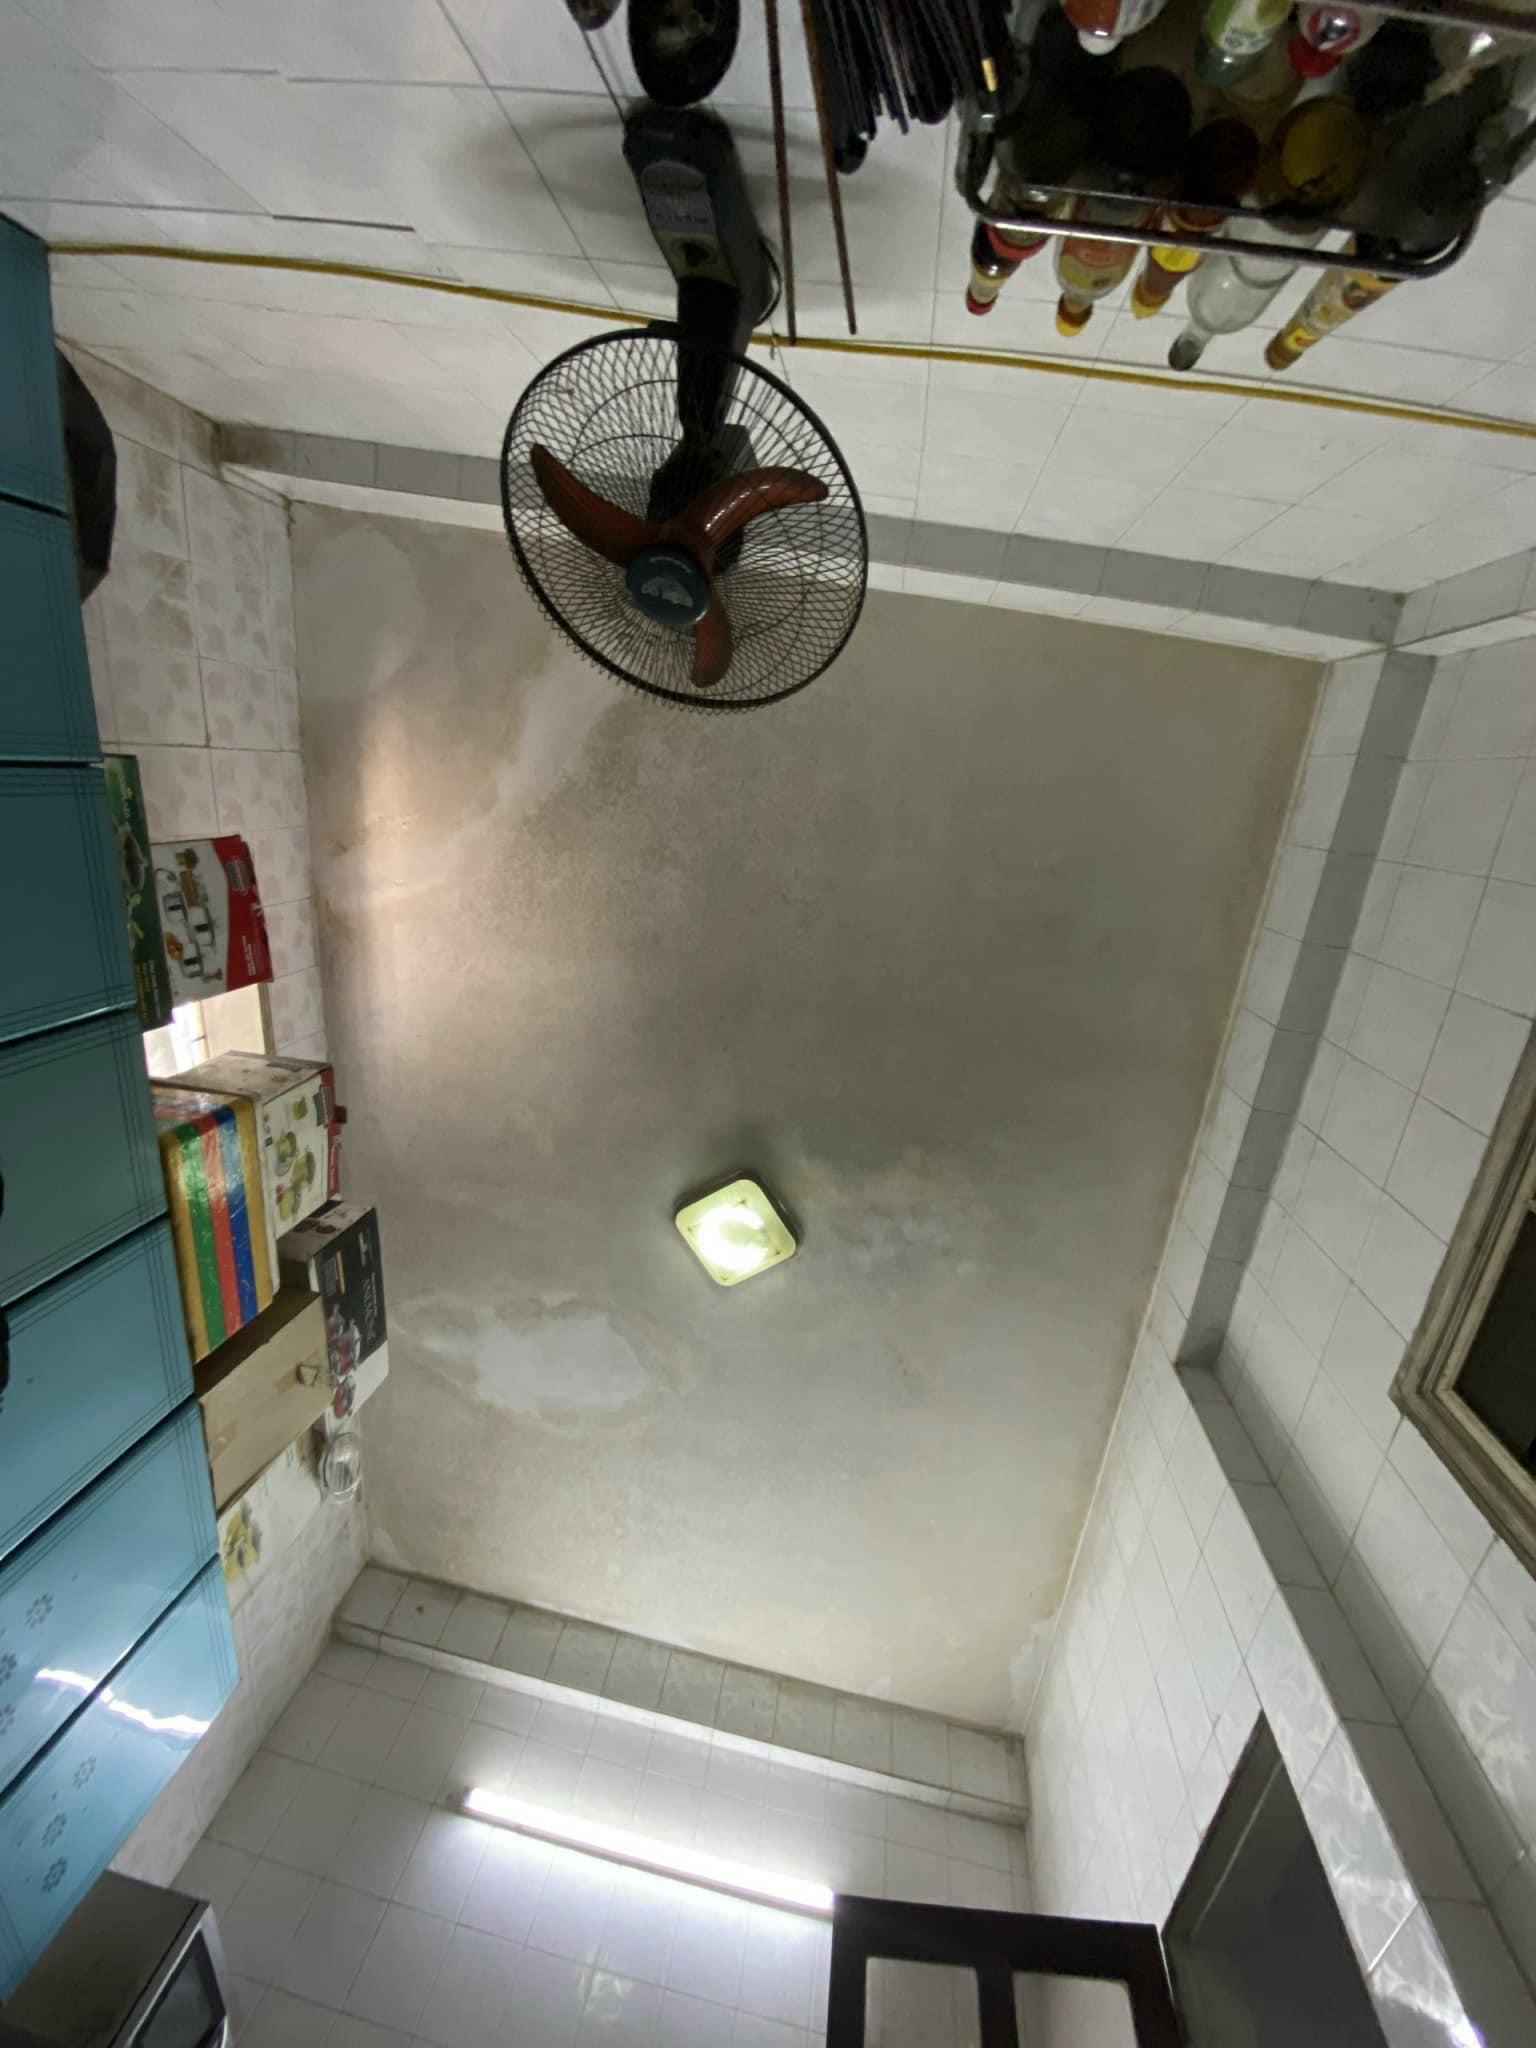 trần nhà nhìn từ dưới